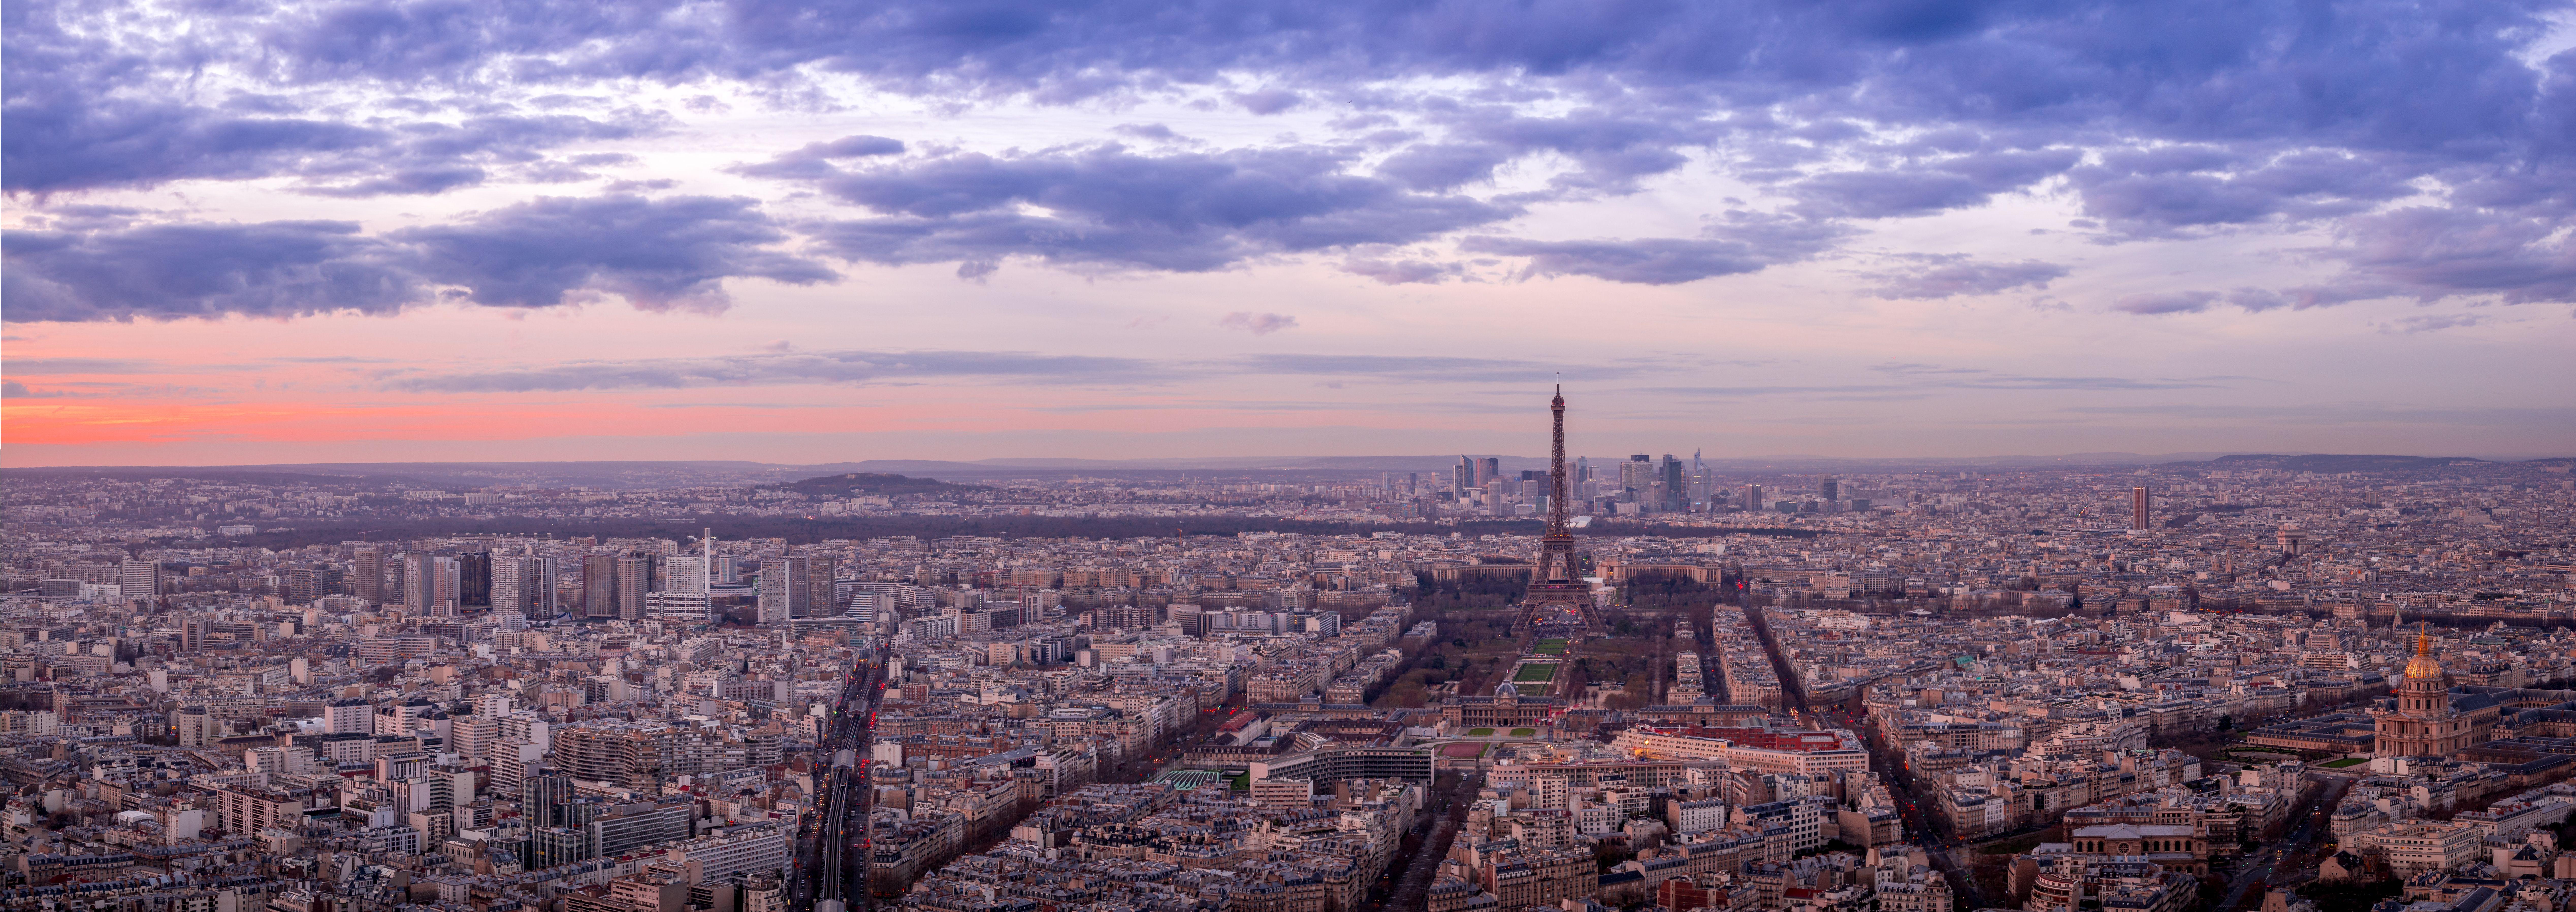 обои Париж, Франция закат, панорама картинки фото